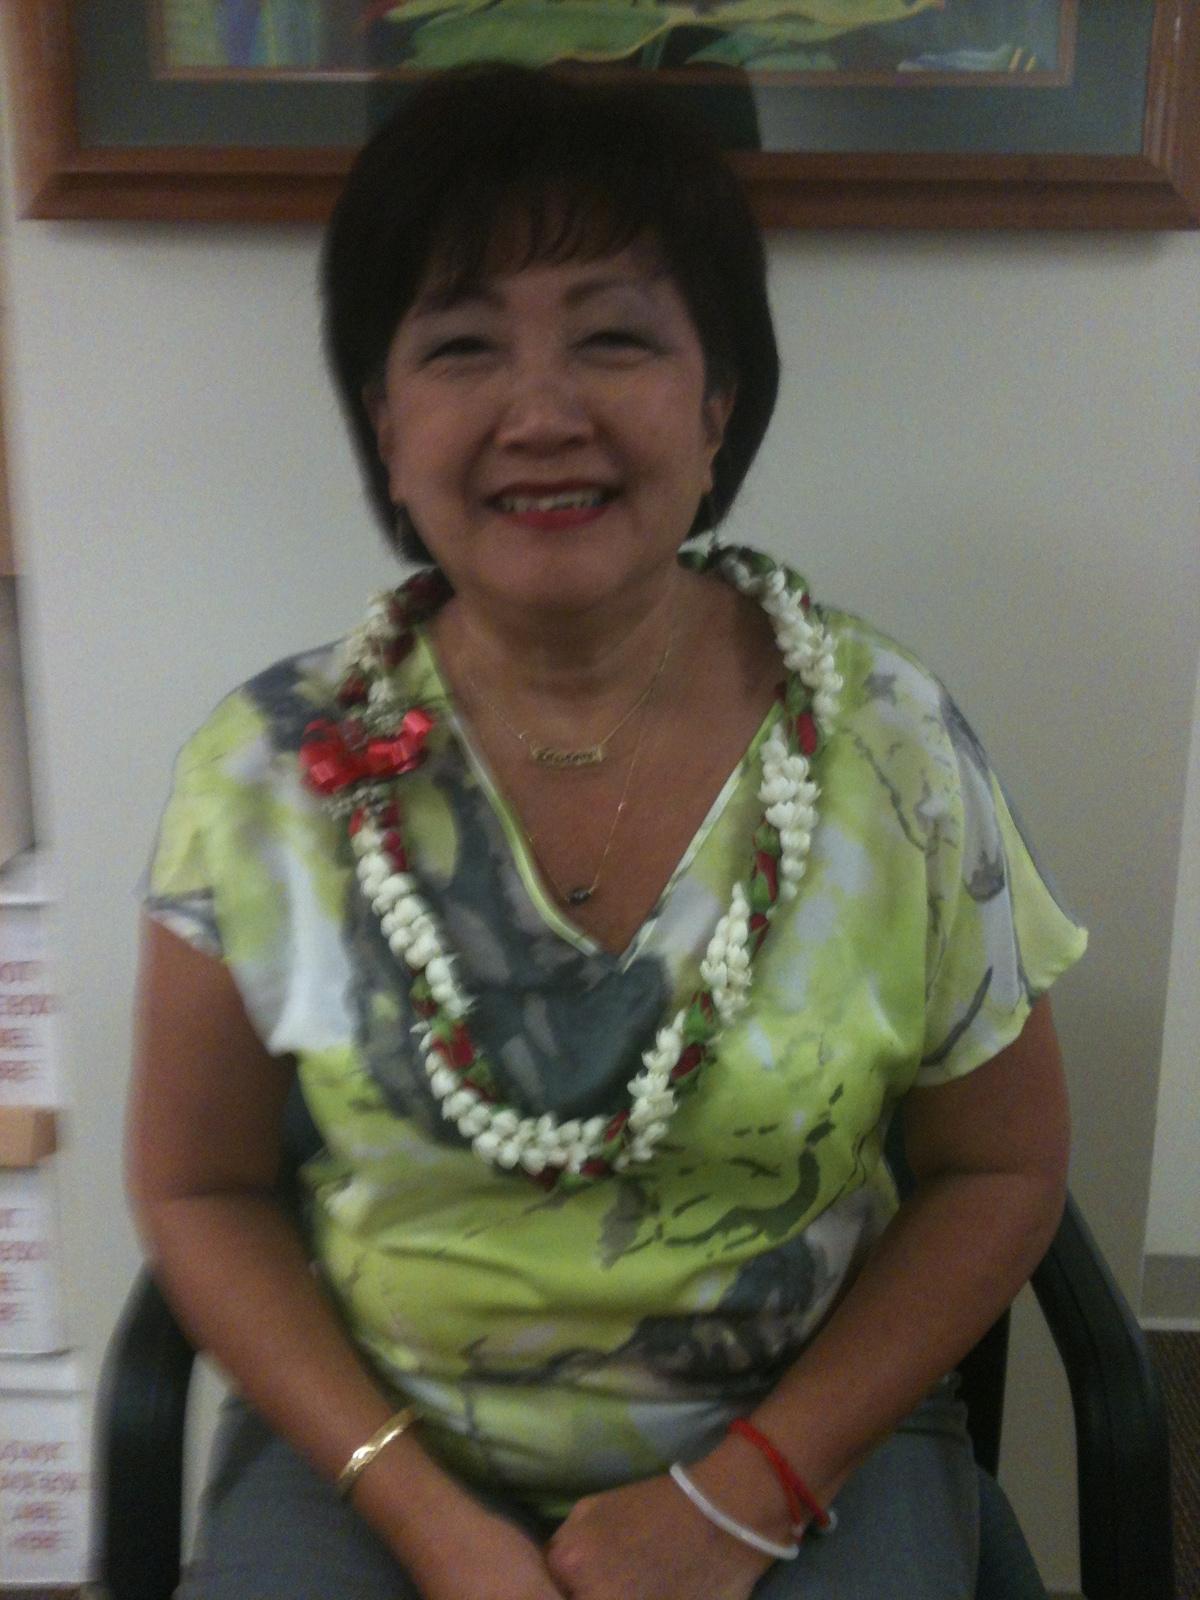 Lulu from Honolulu